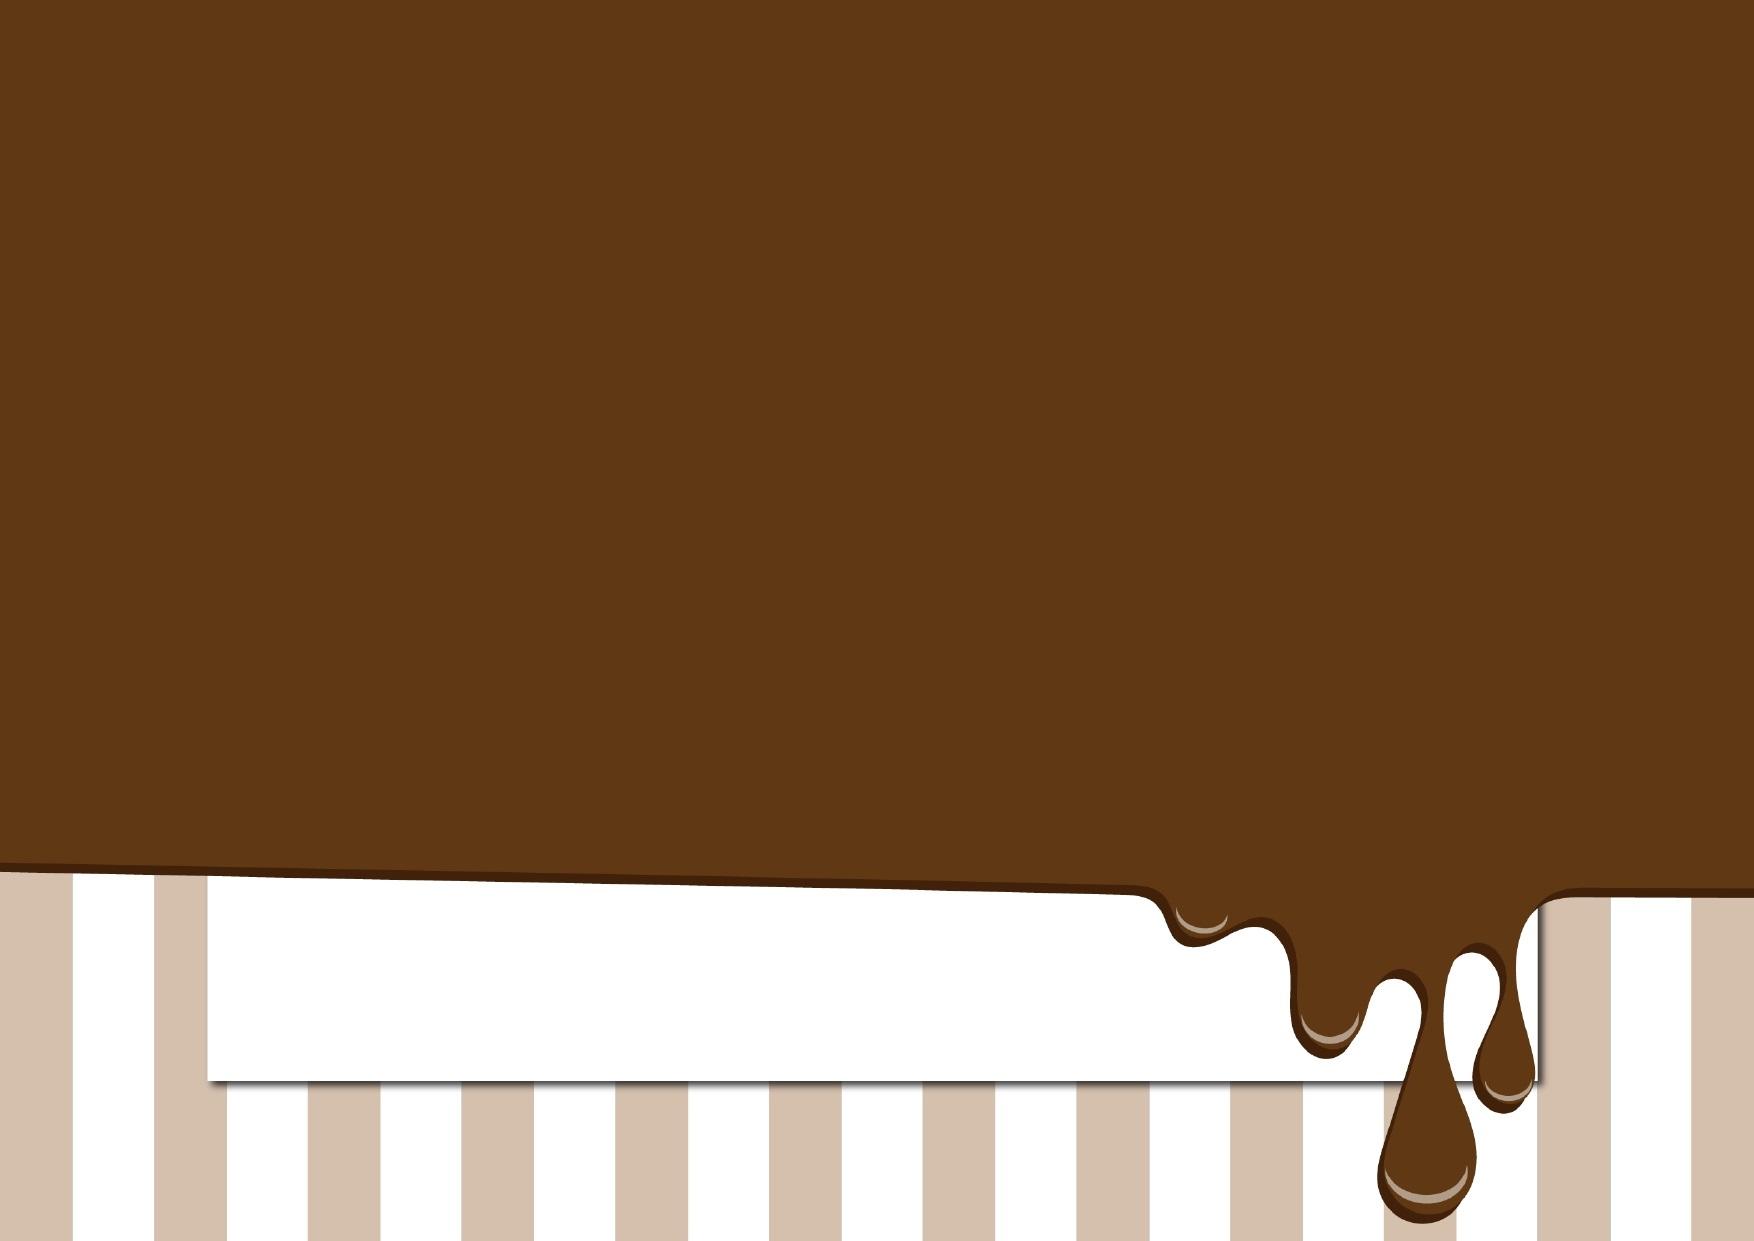 チョコレートソースのフレーム